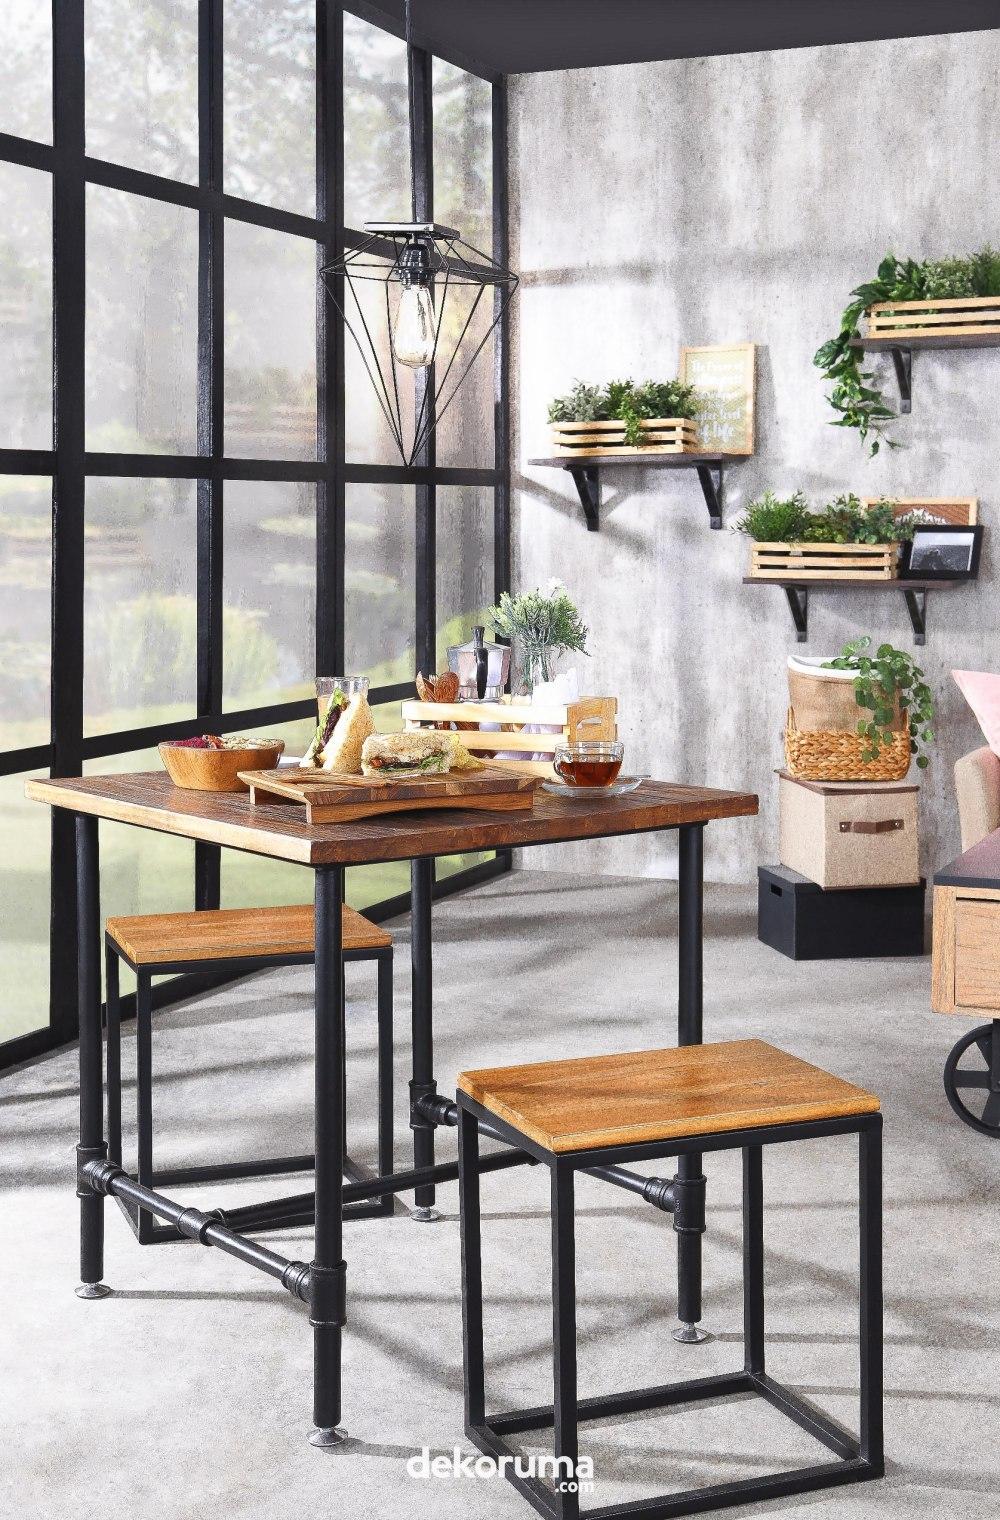 Berikan Sentuhan Gaya Industrial Untuk Desain Interior Kafe Dengan